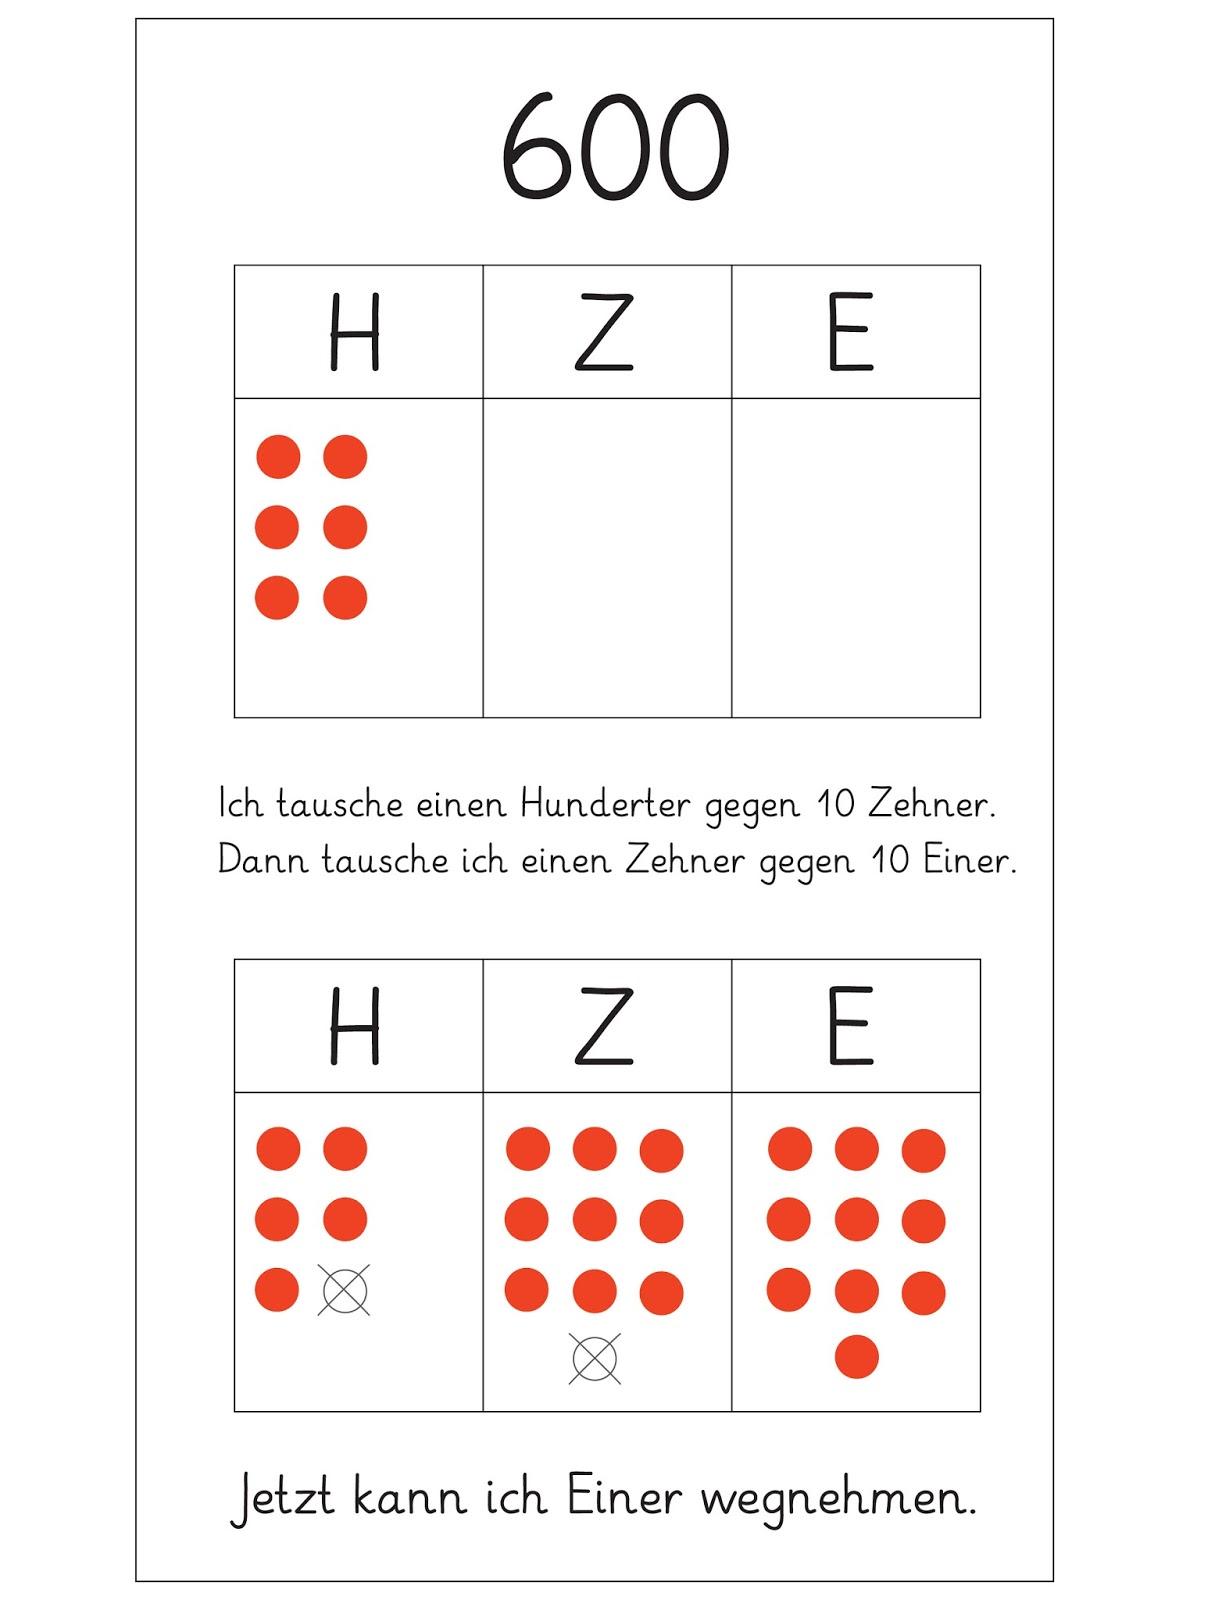 Colorful Hunderter Zehner Einer Tabelle 2Klasse Pictures ...